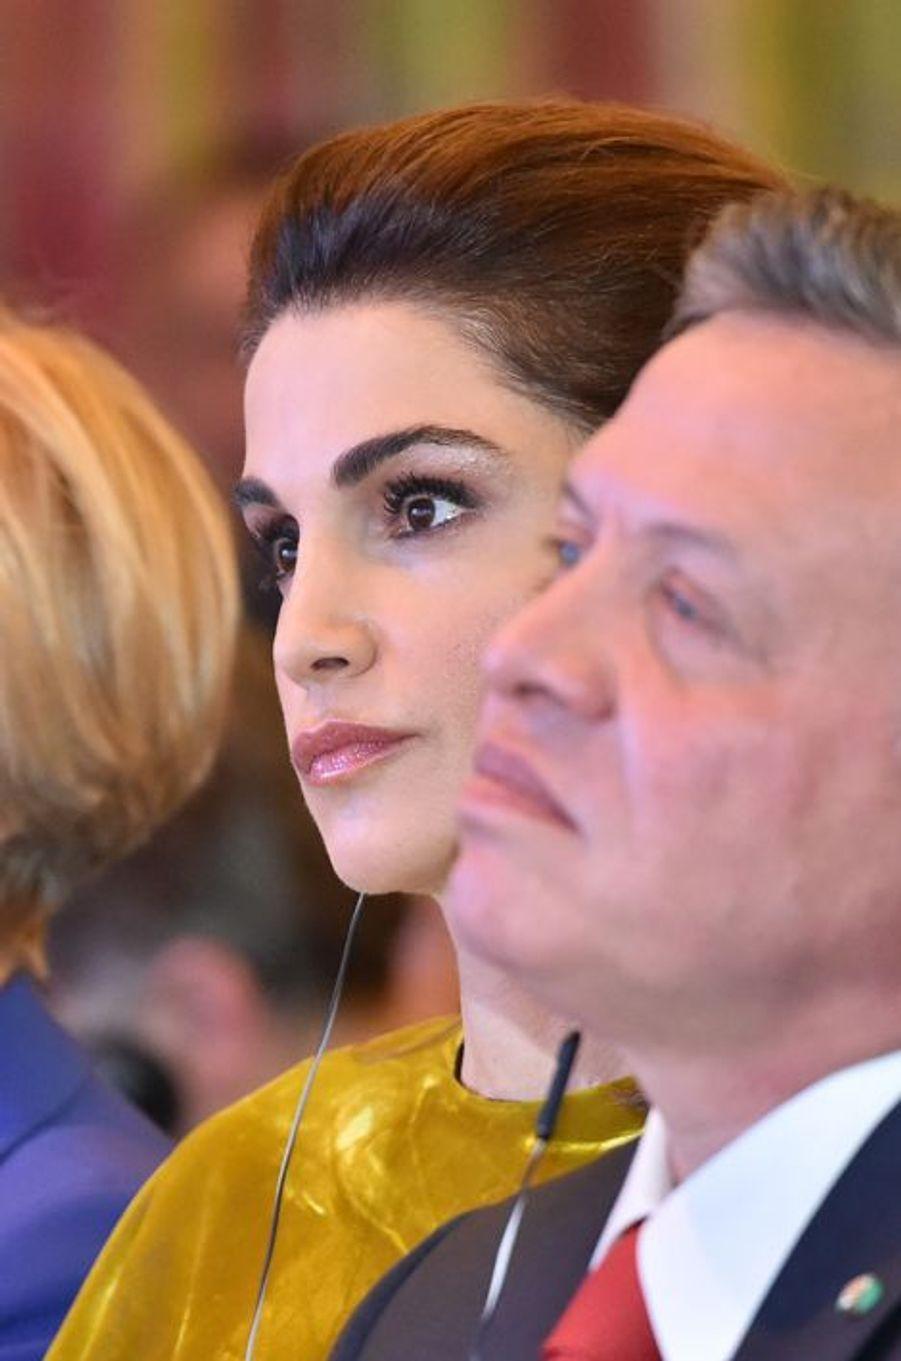 La reine Rania et le roi Abdallah II de Jordanie au forum Med 2015 à Rome, le 10 décembre 2015